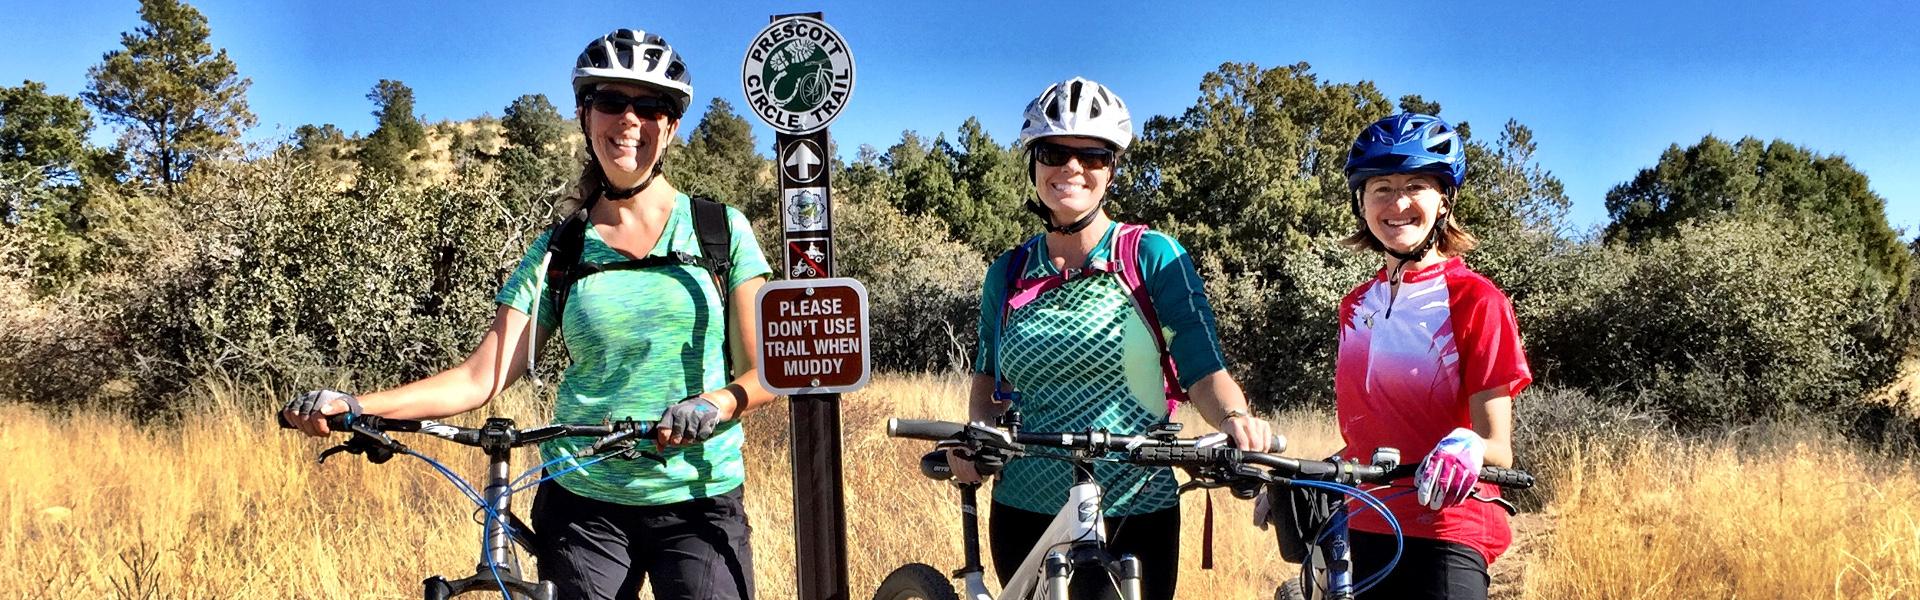 Prescott Arizona Circle Trail